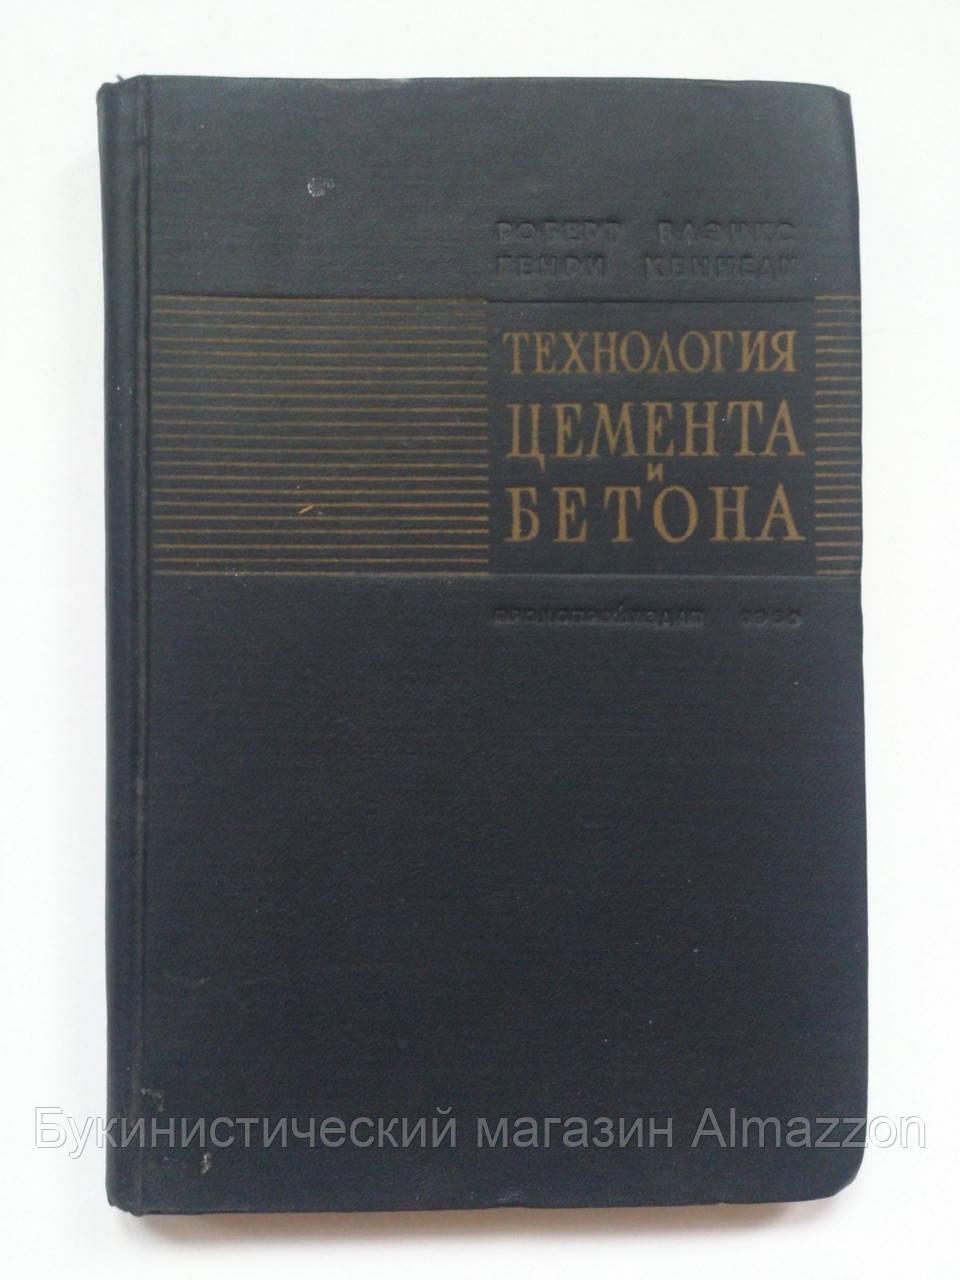 Литература по бетонам фибробетон и его применение в строительстве